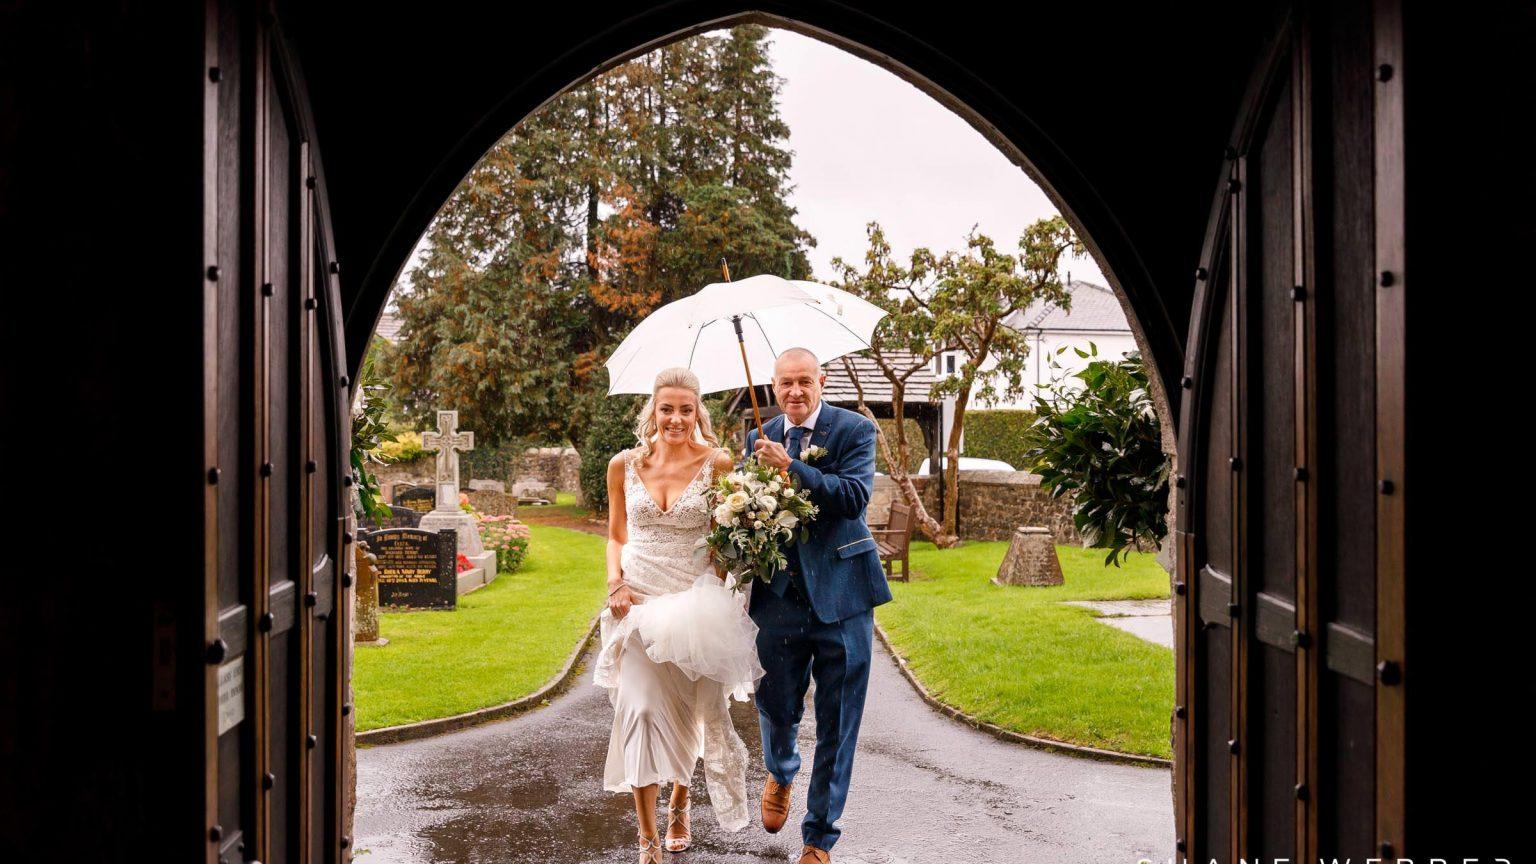 Browsholme hall tithe barn wedding photography 10001 1